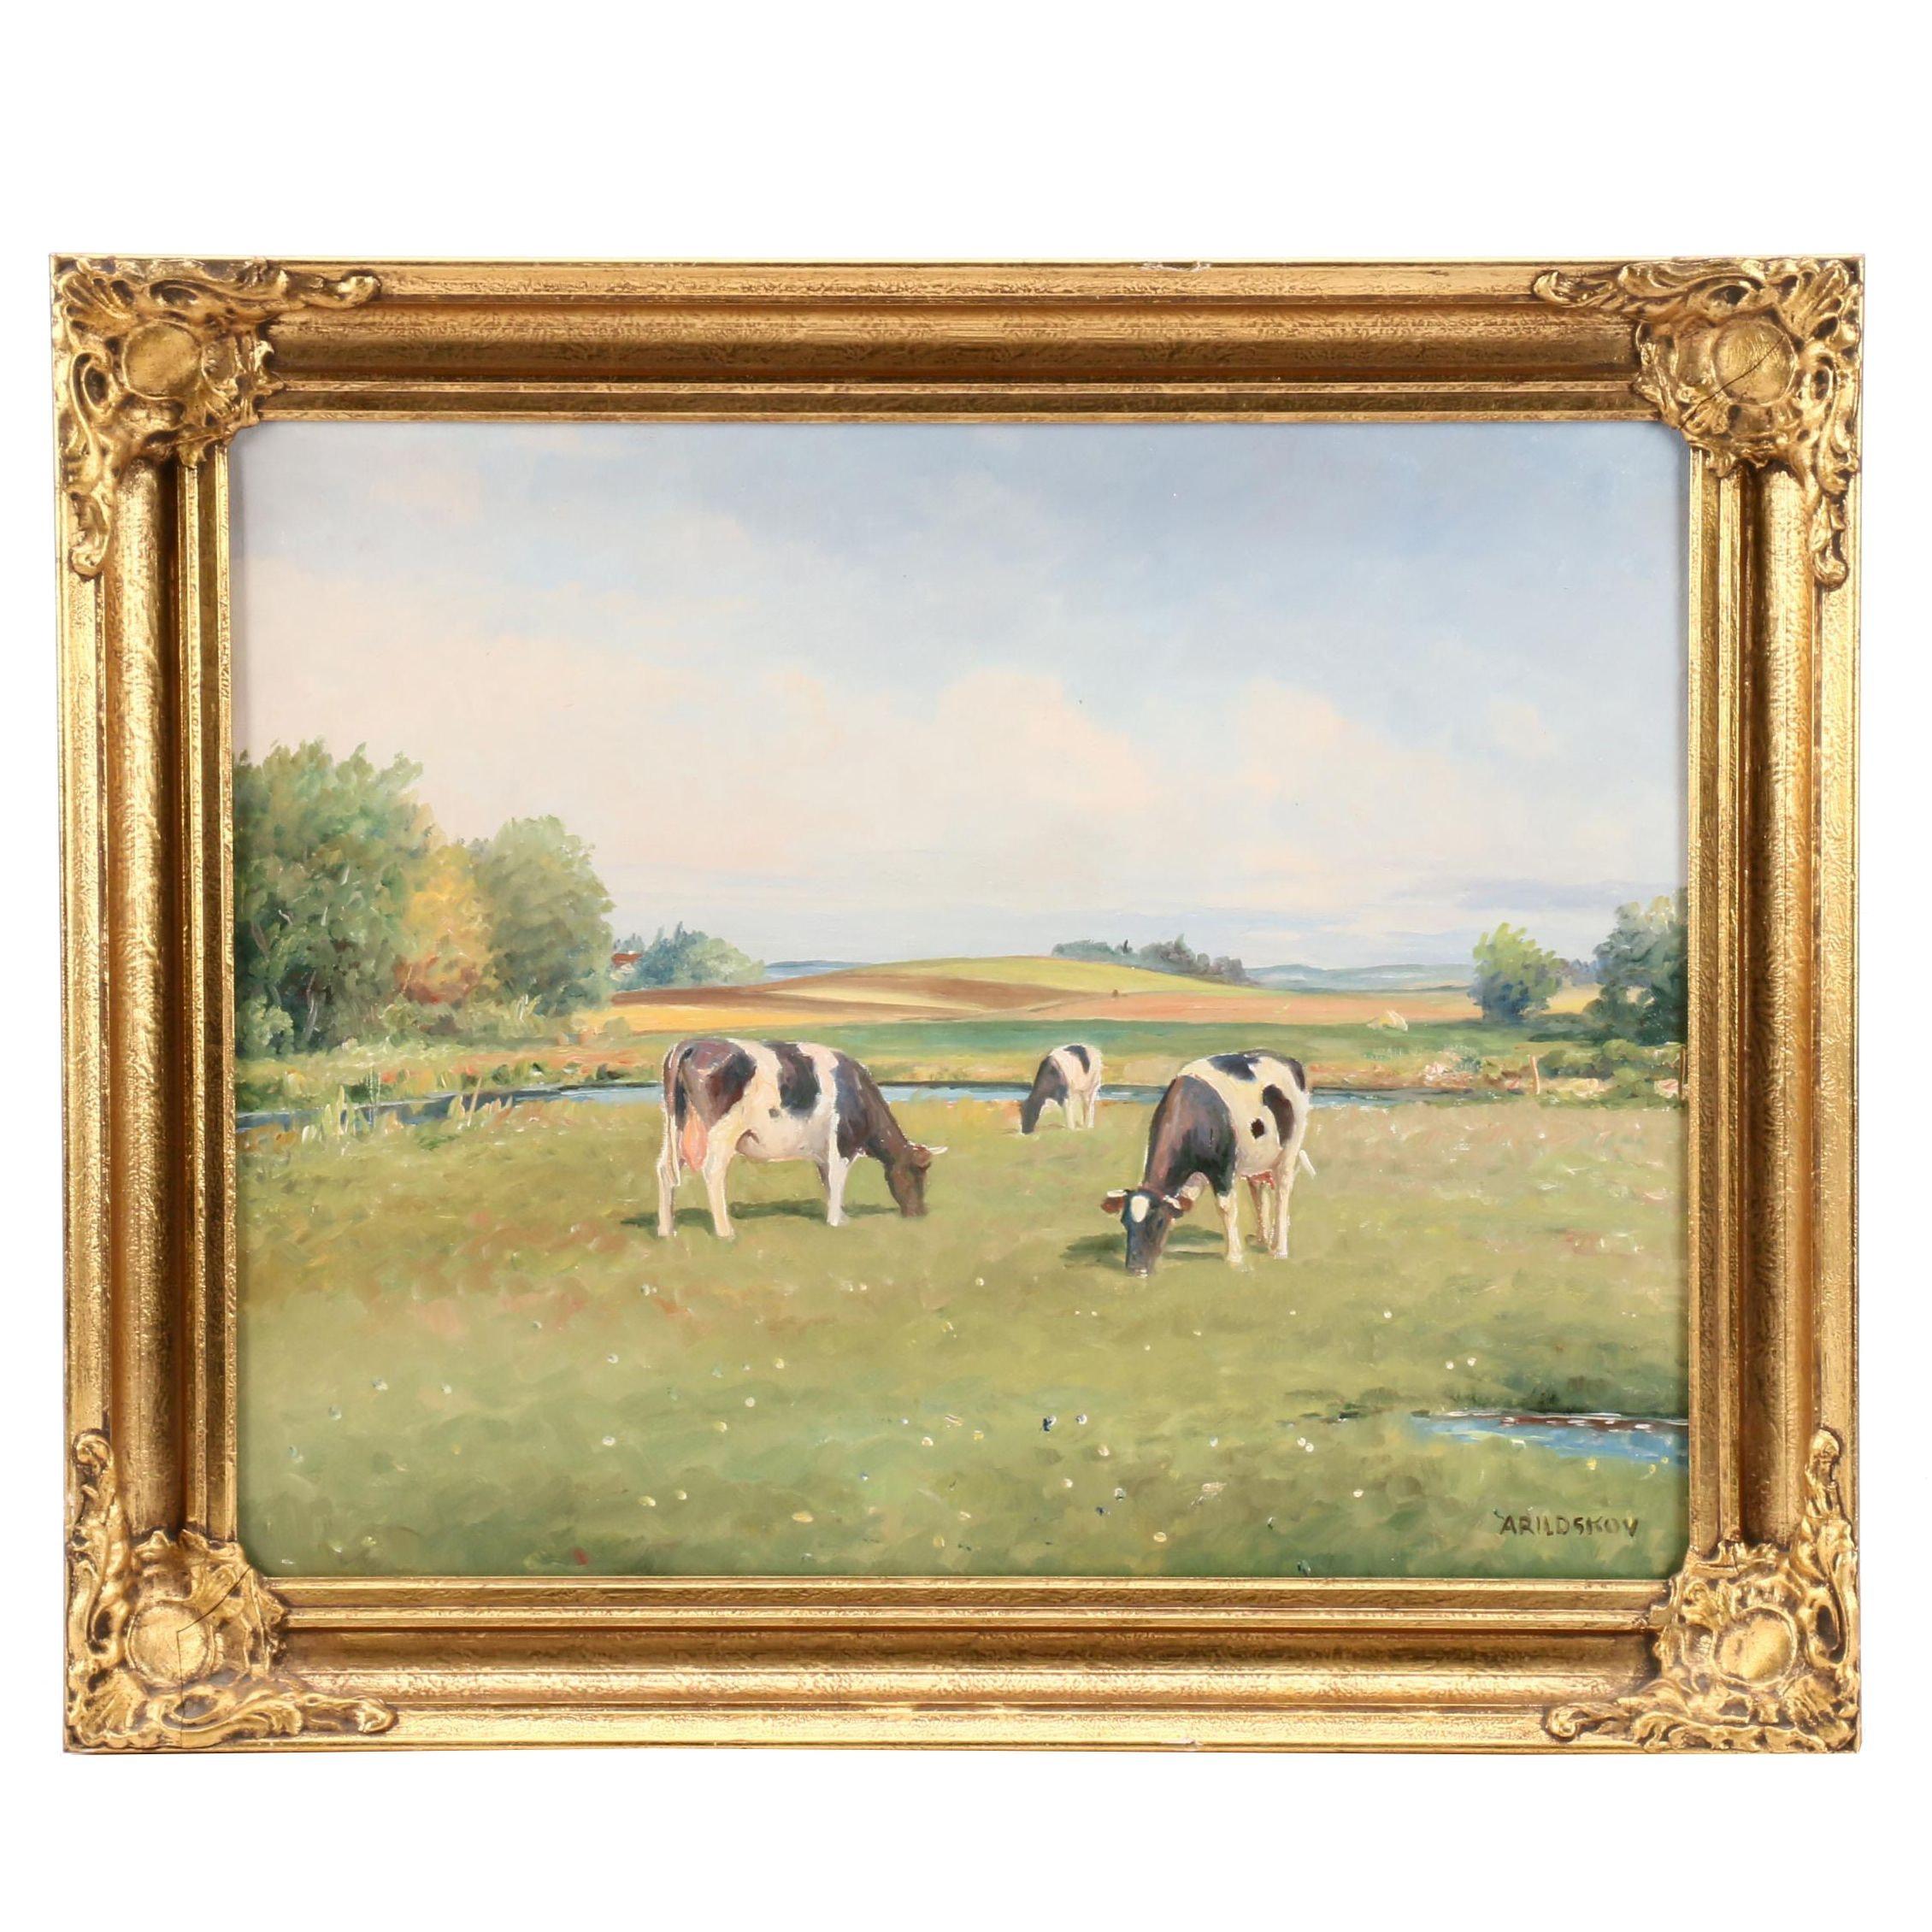 Max Arildskov Oil Painting of Pastoral Scene